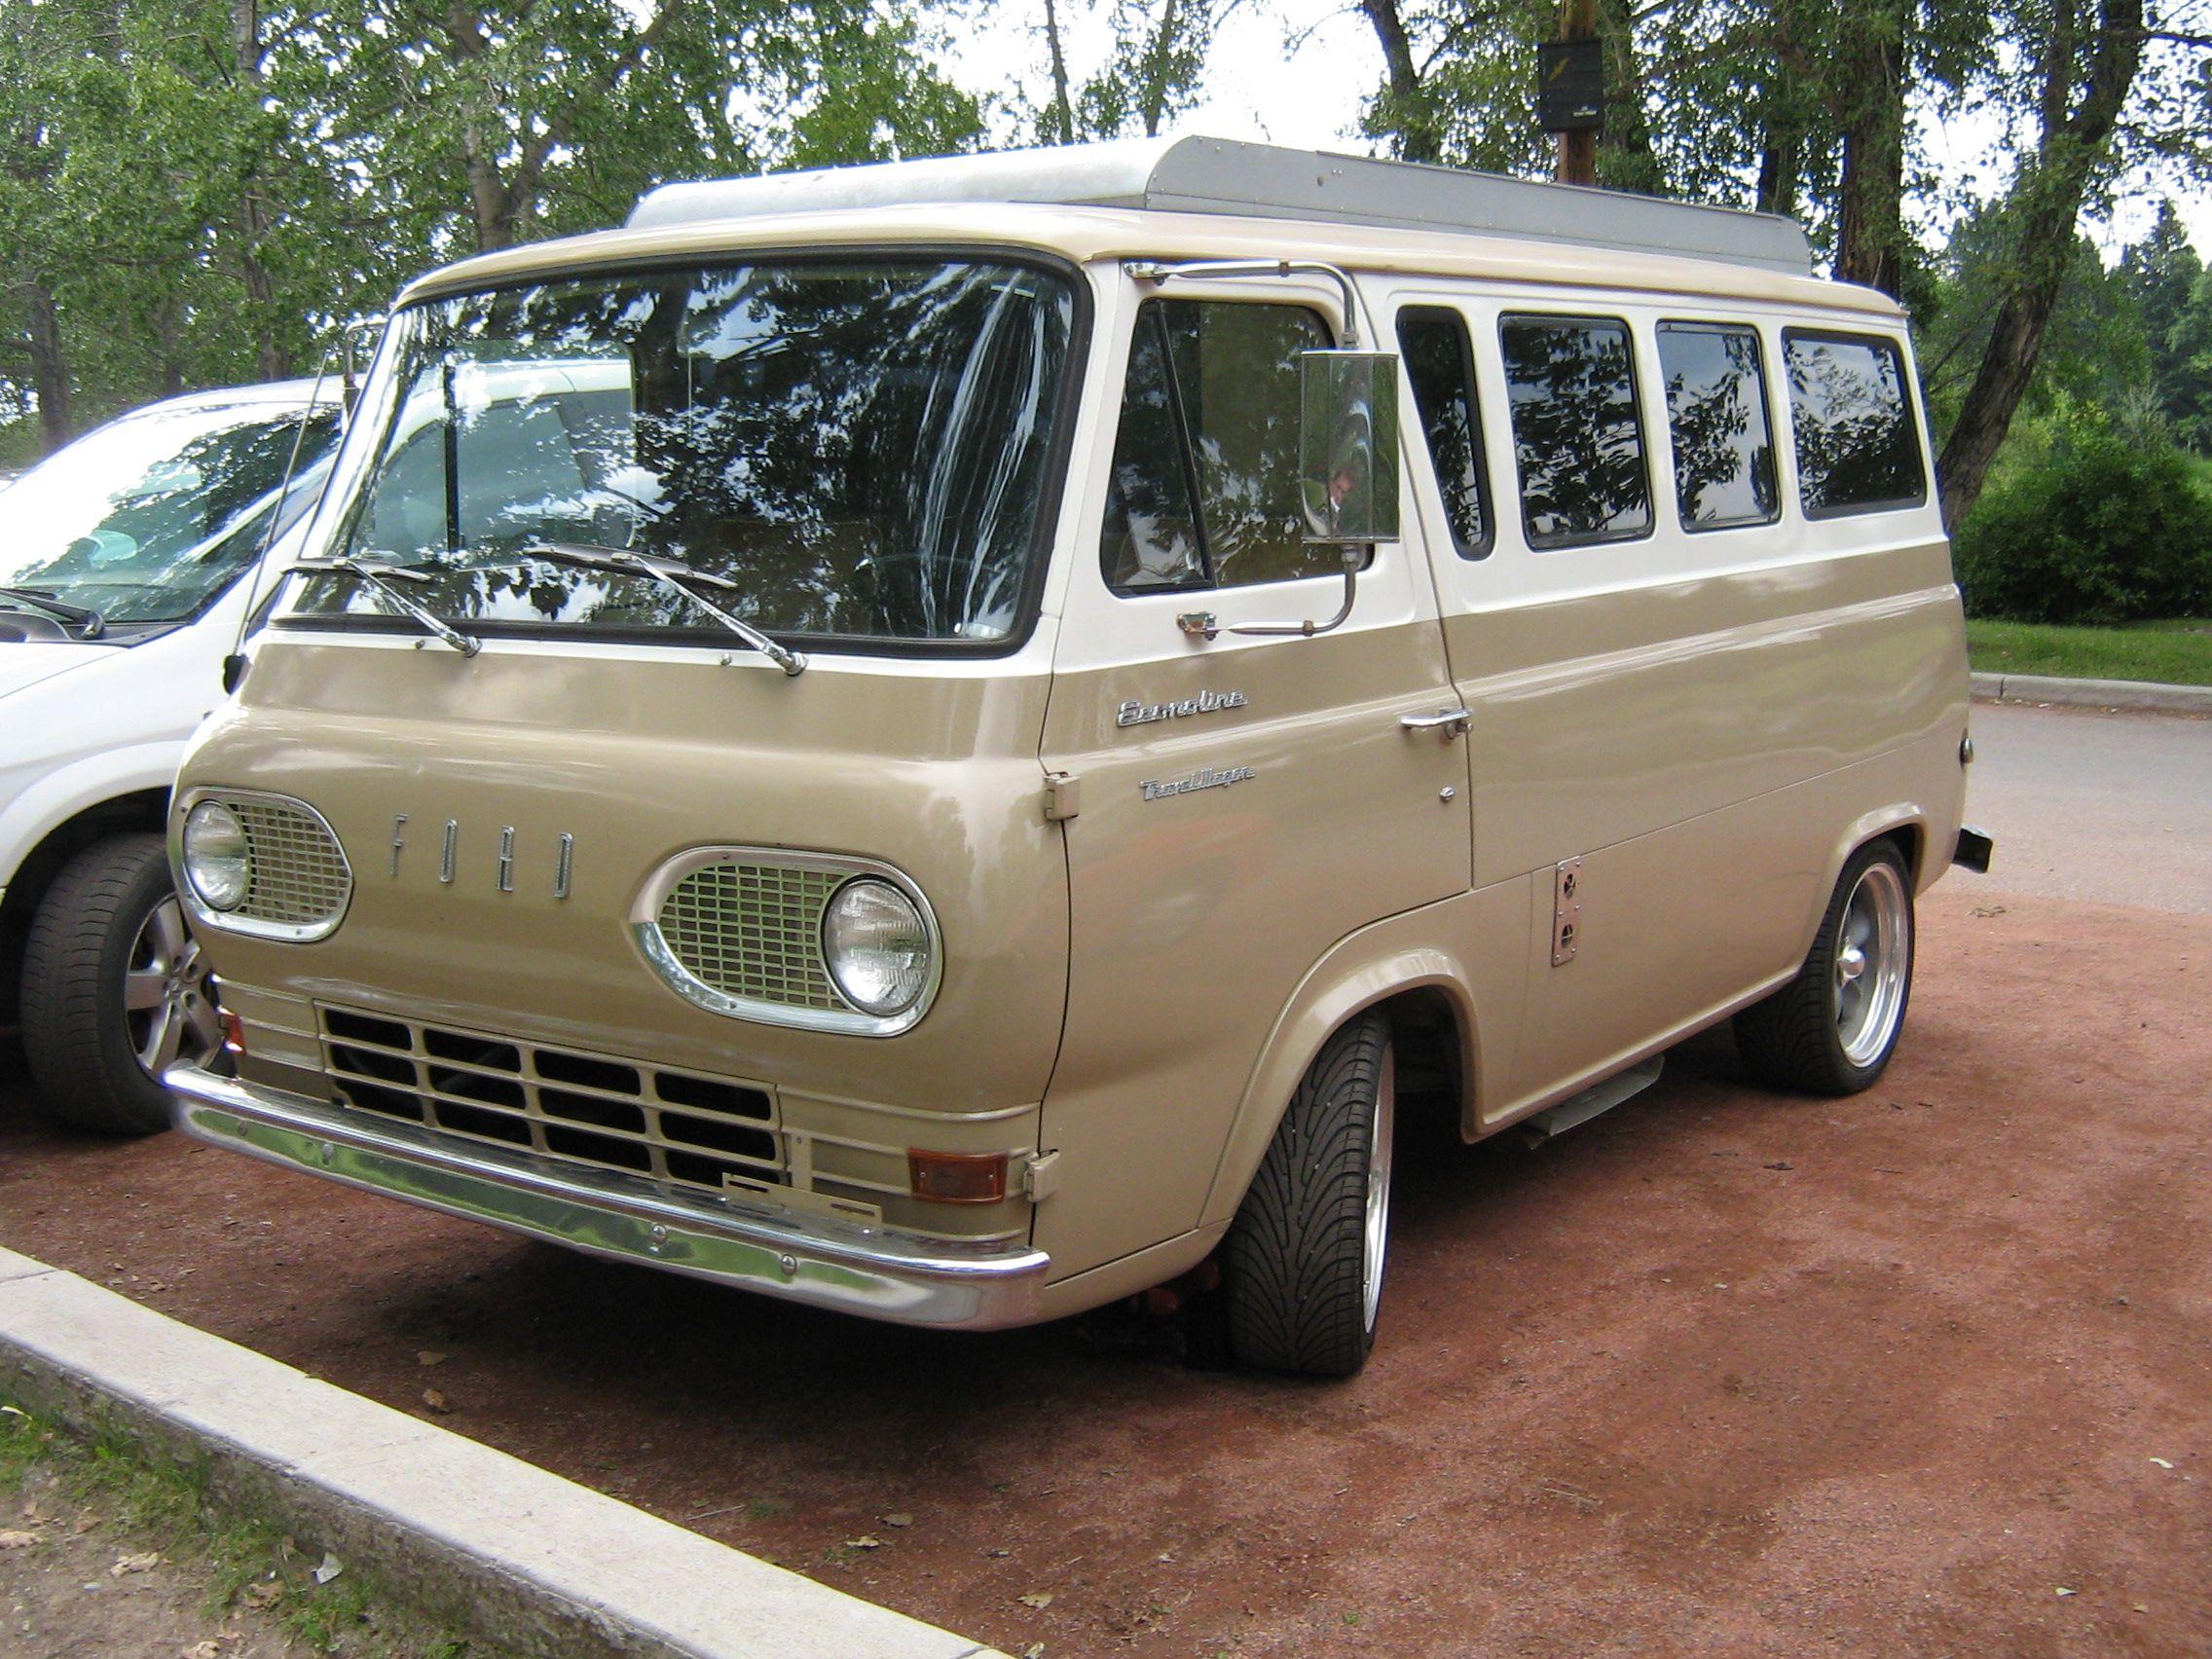 Loudpop Voyager Ford E Series Vintage Vans Ford Van